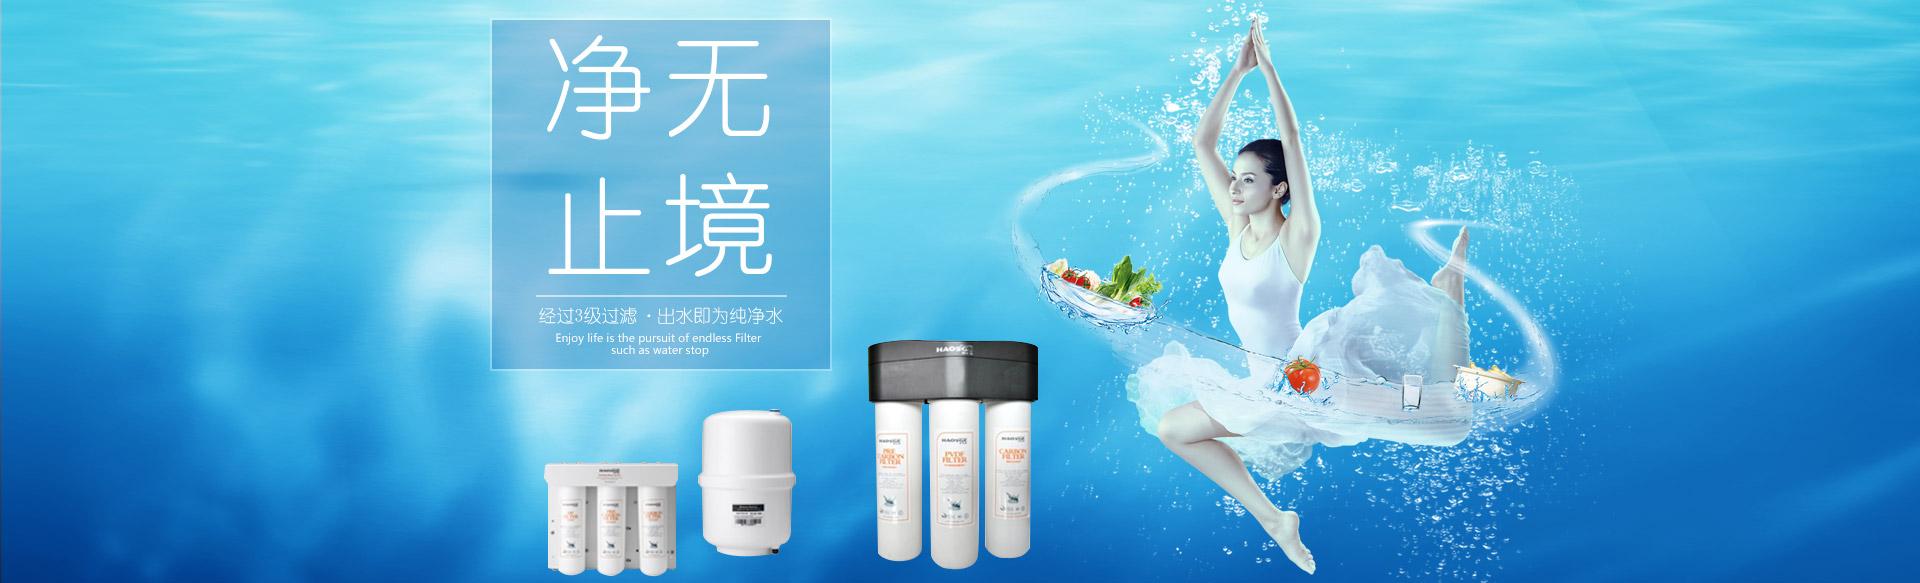 开创健康用水新理念